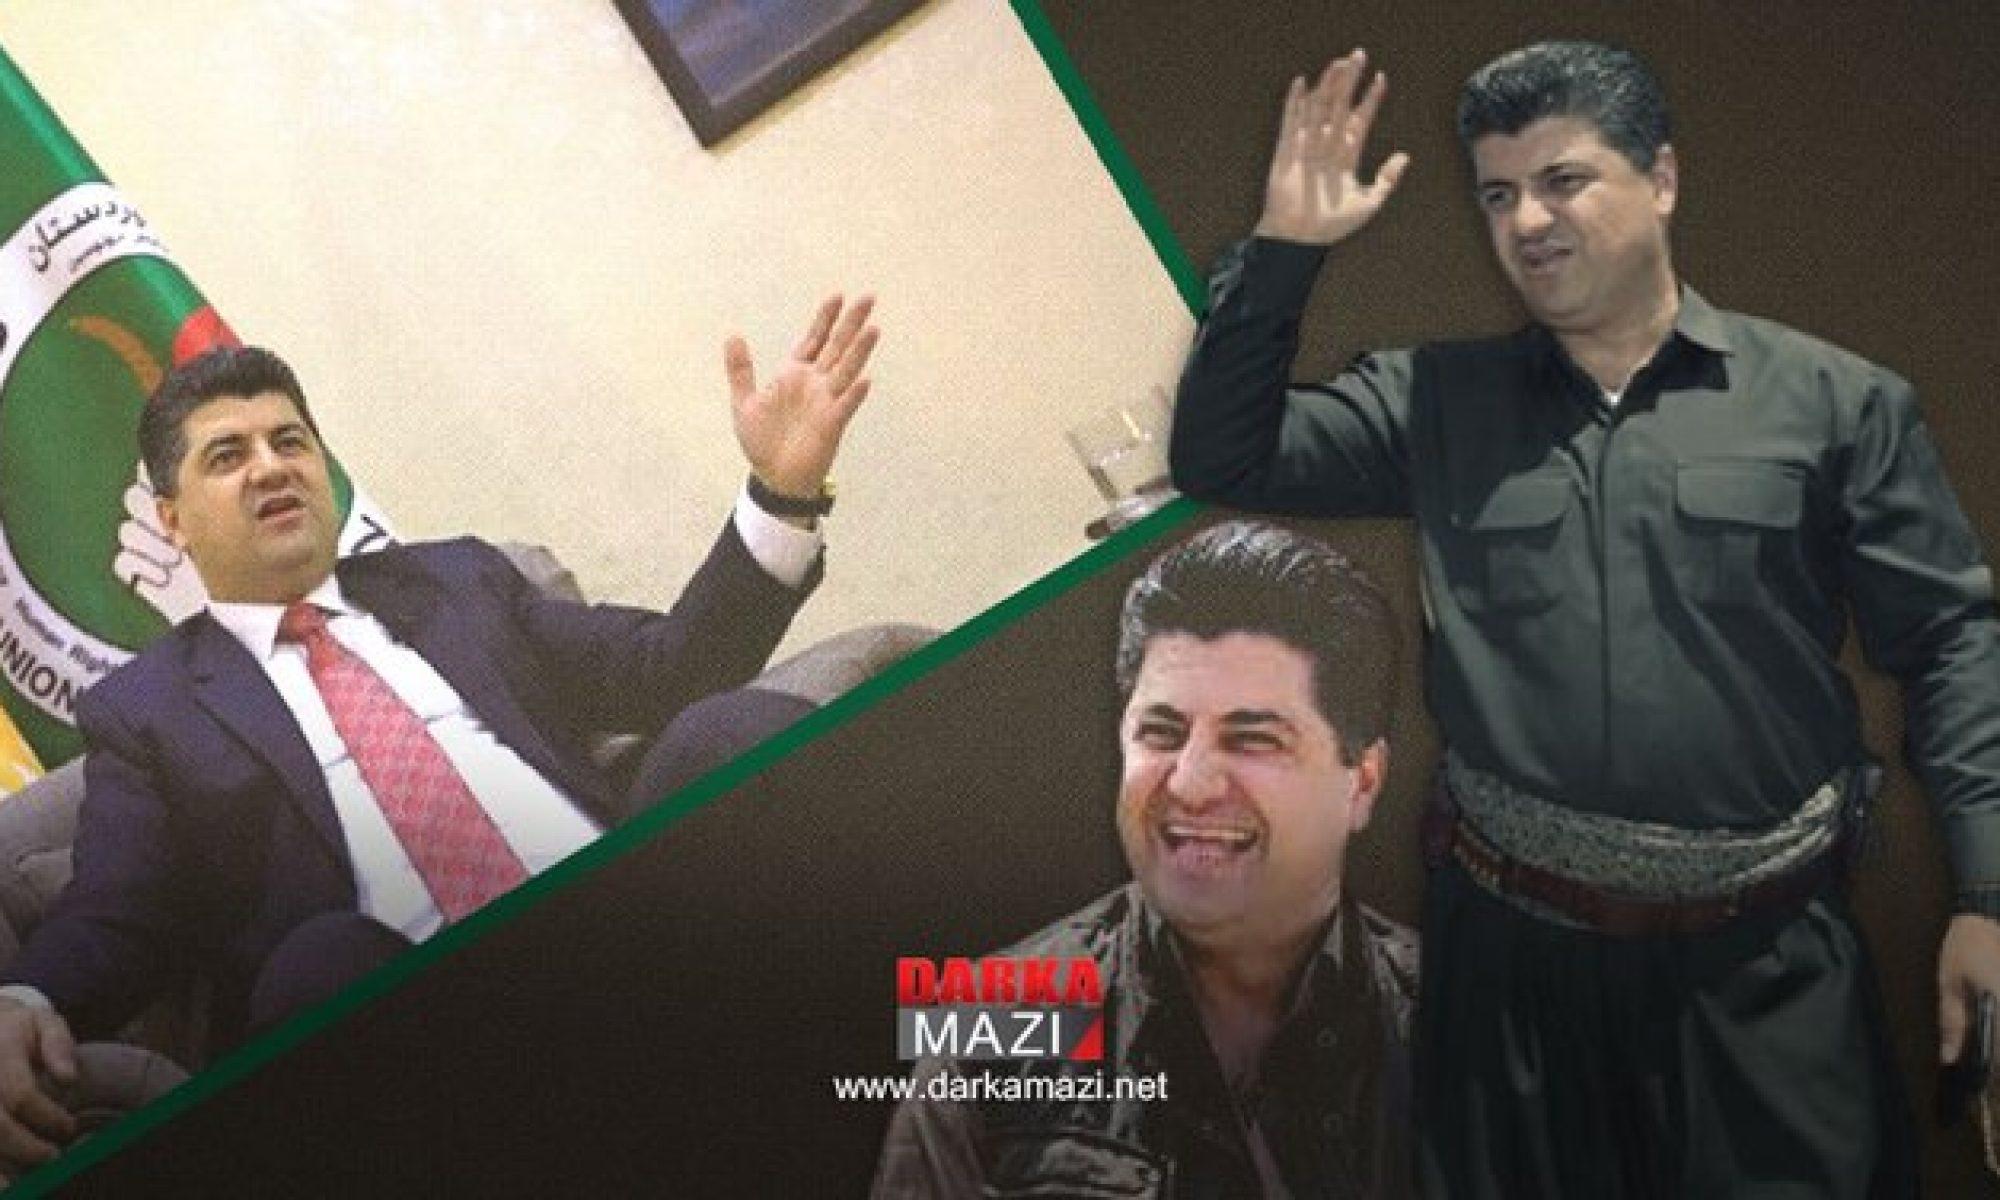 Lahor Cengi'nin kahramanlık tiyatrosu, Berhem Salih, Bağdat, İngiltere başkonsolosu Stephen Hickley Aras Cengi, Kubat Talabani, Kerkük, 17 Ekim ihaneti